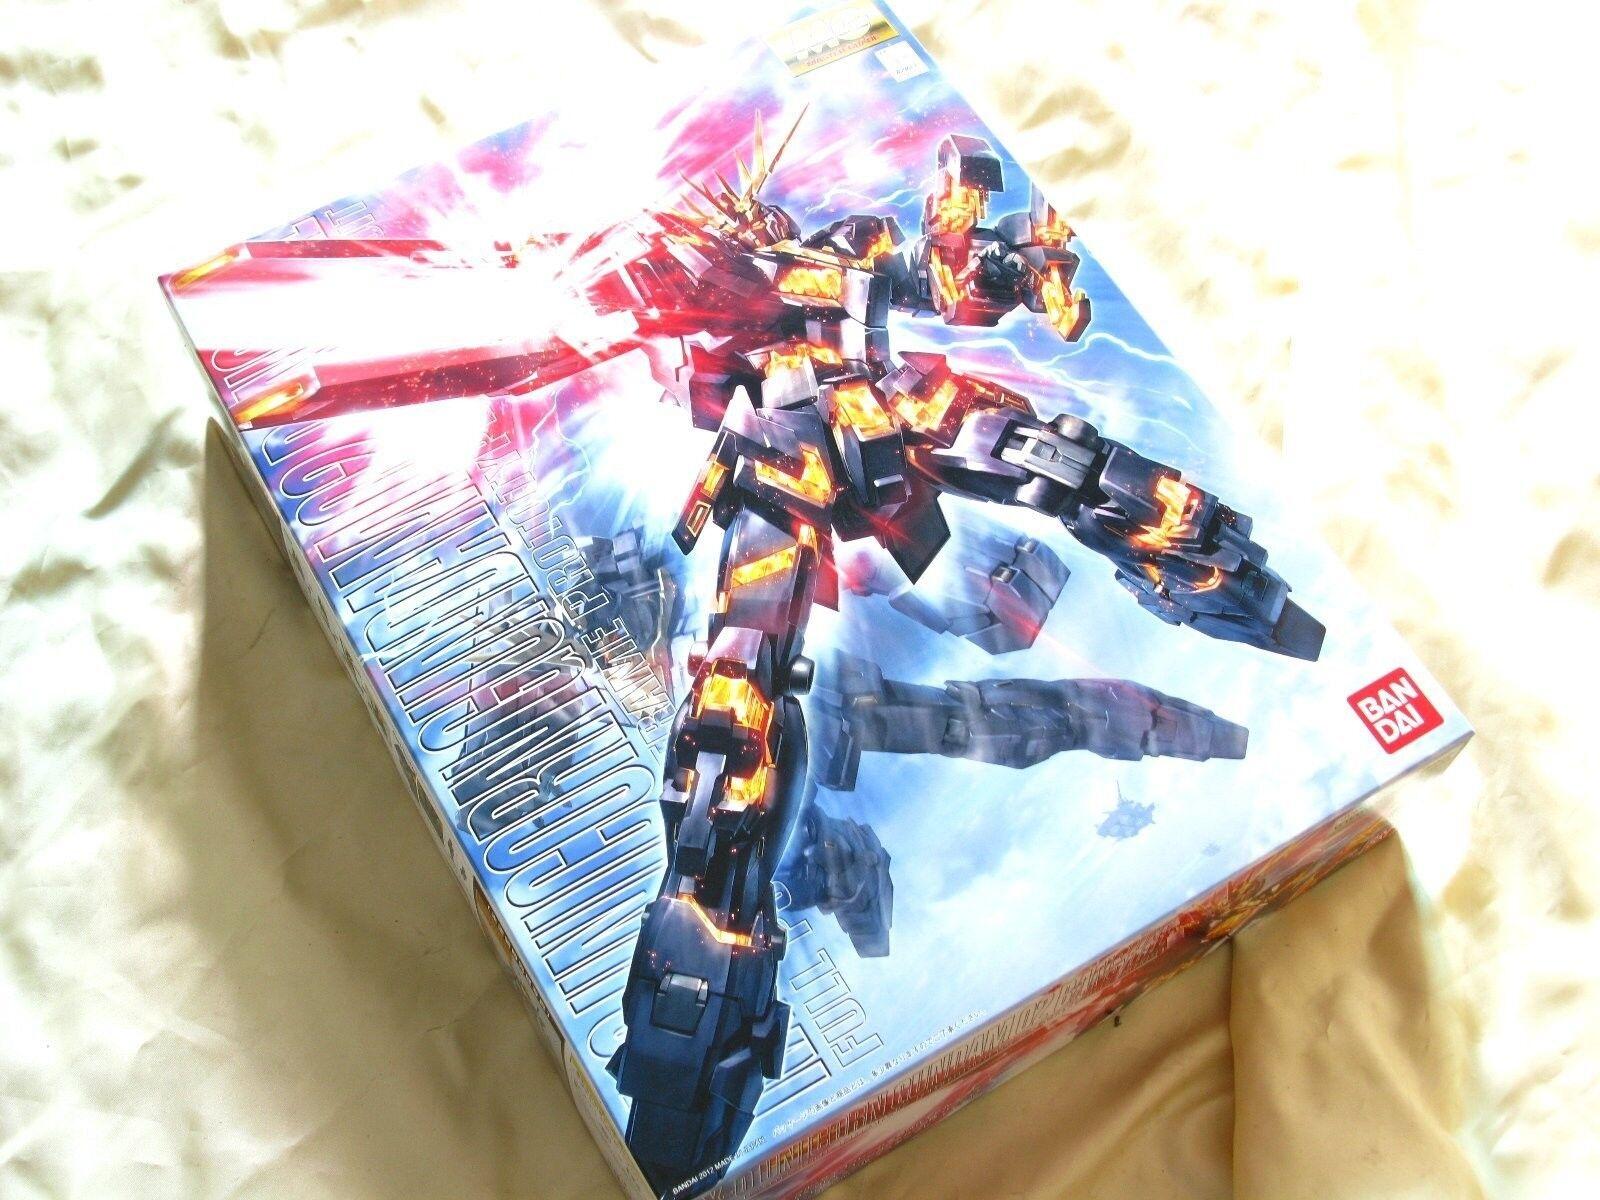 Bandai 1 100 MG 154 RX-0 Unicorn Gundam 02 Banshee